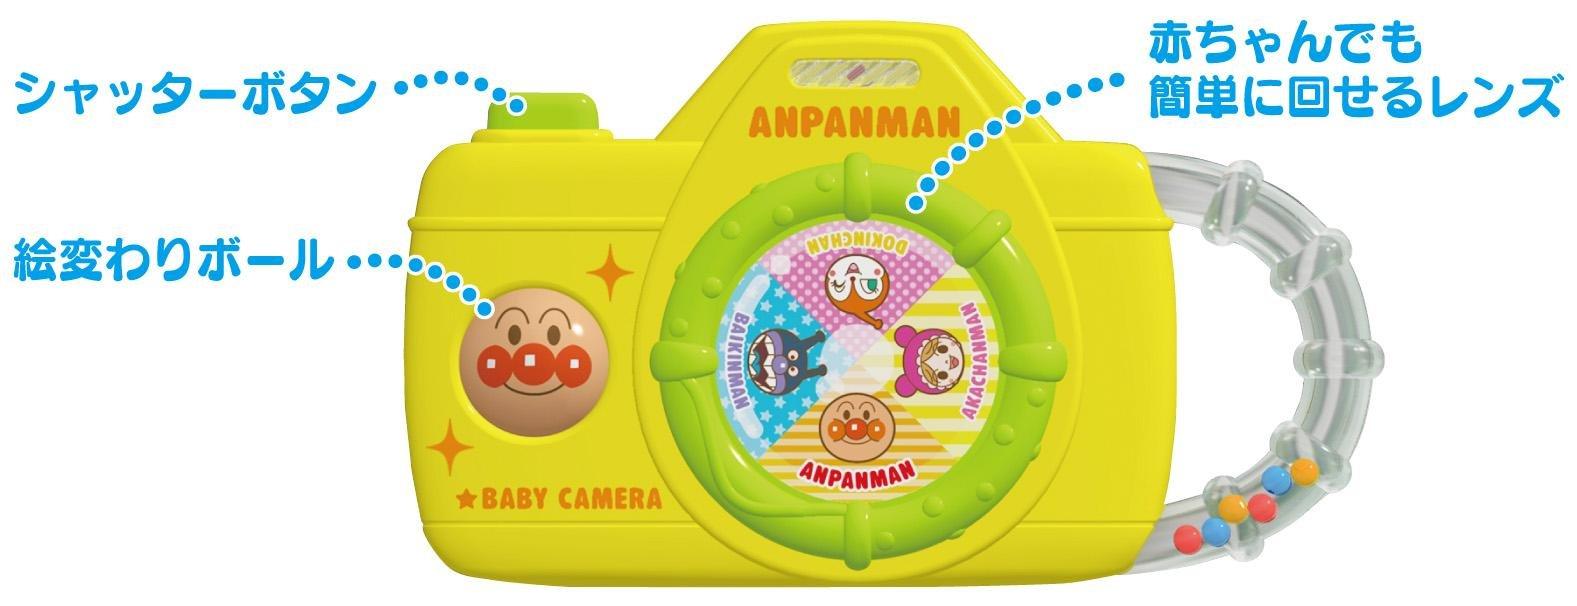 Laughing Anpanman! Smiling camera by Joy Palette by Joy Palette (Image #1)